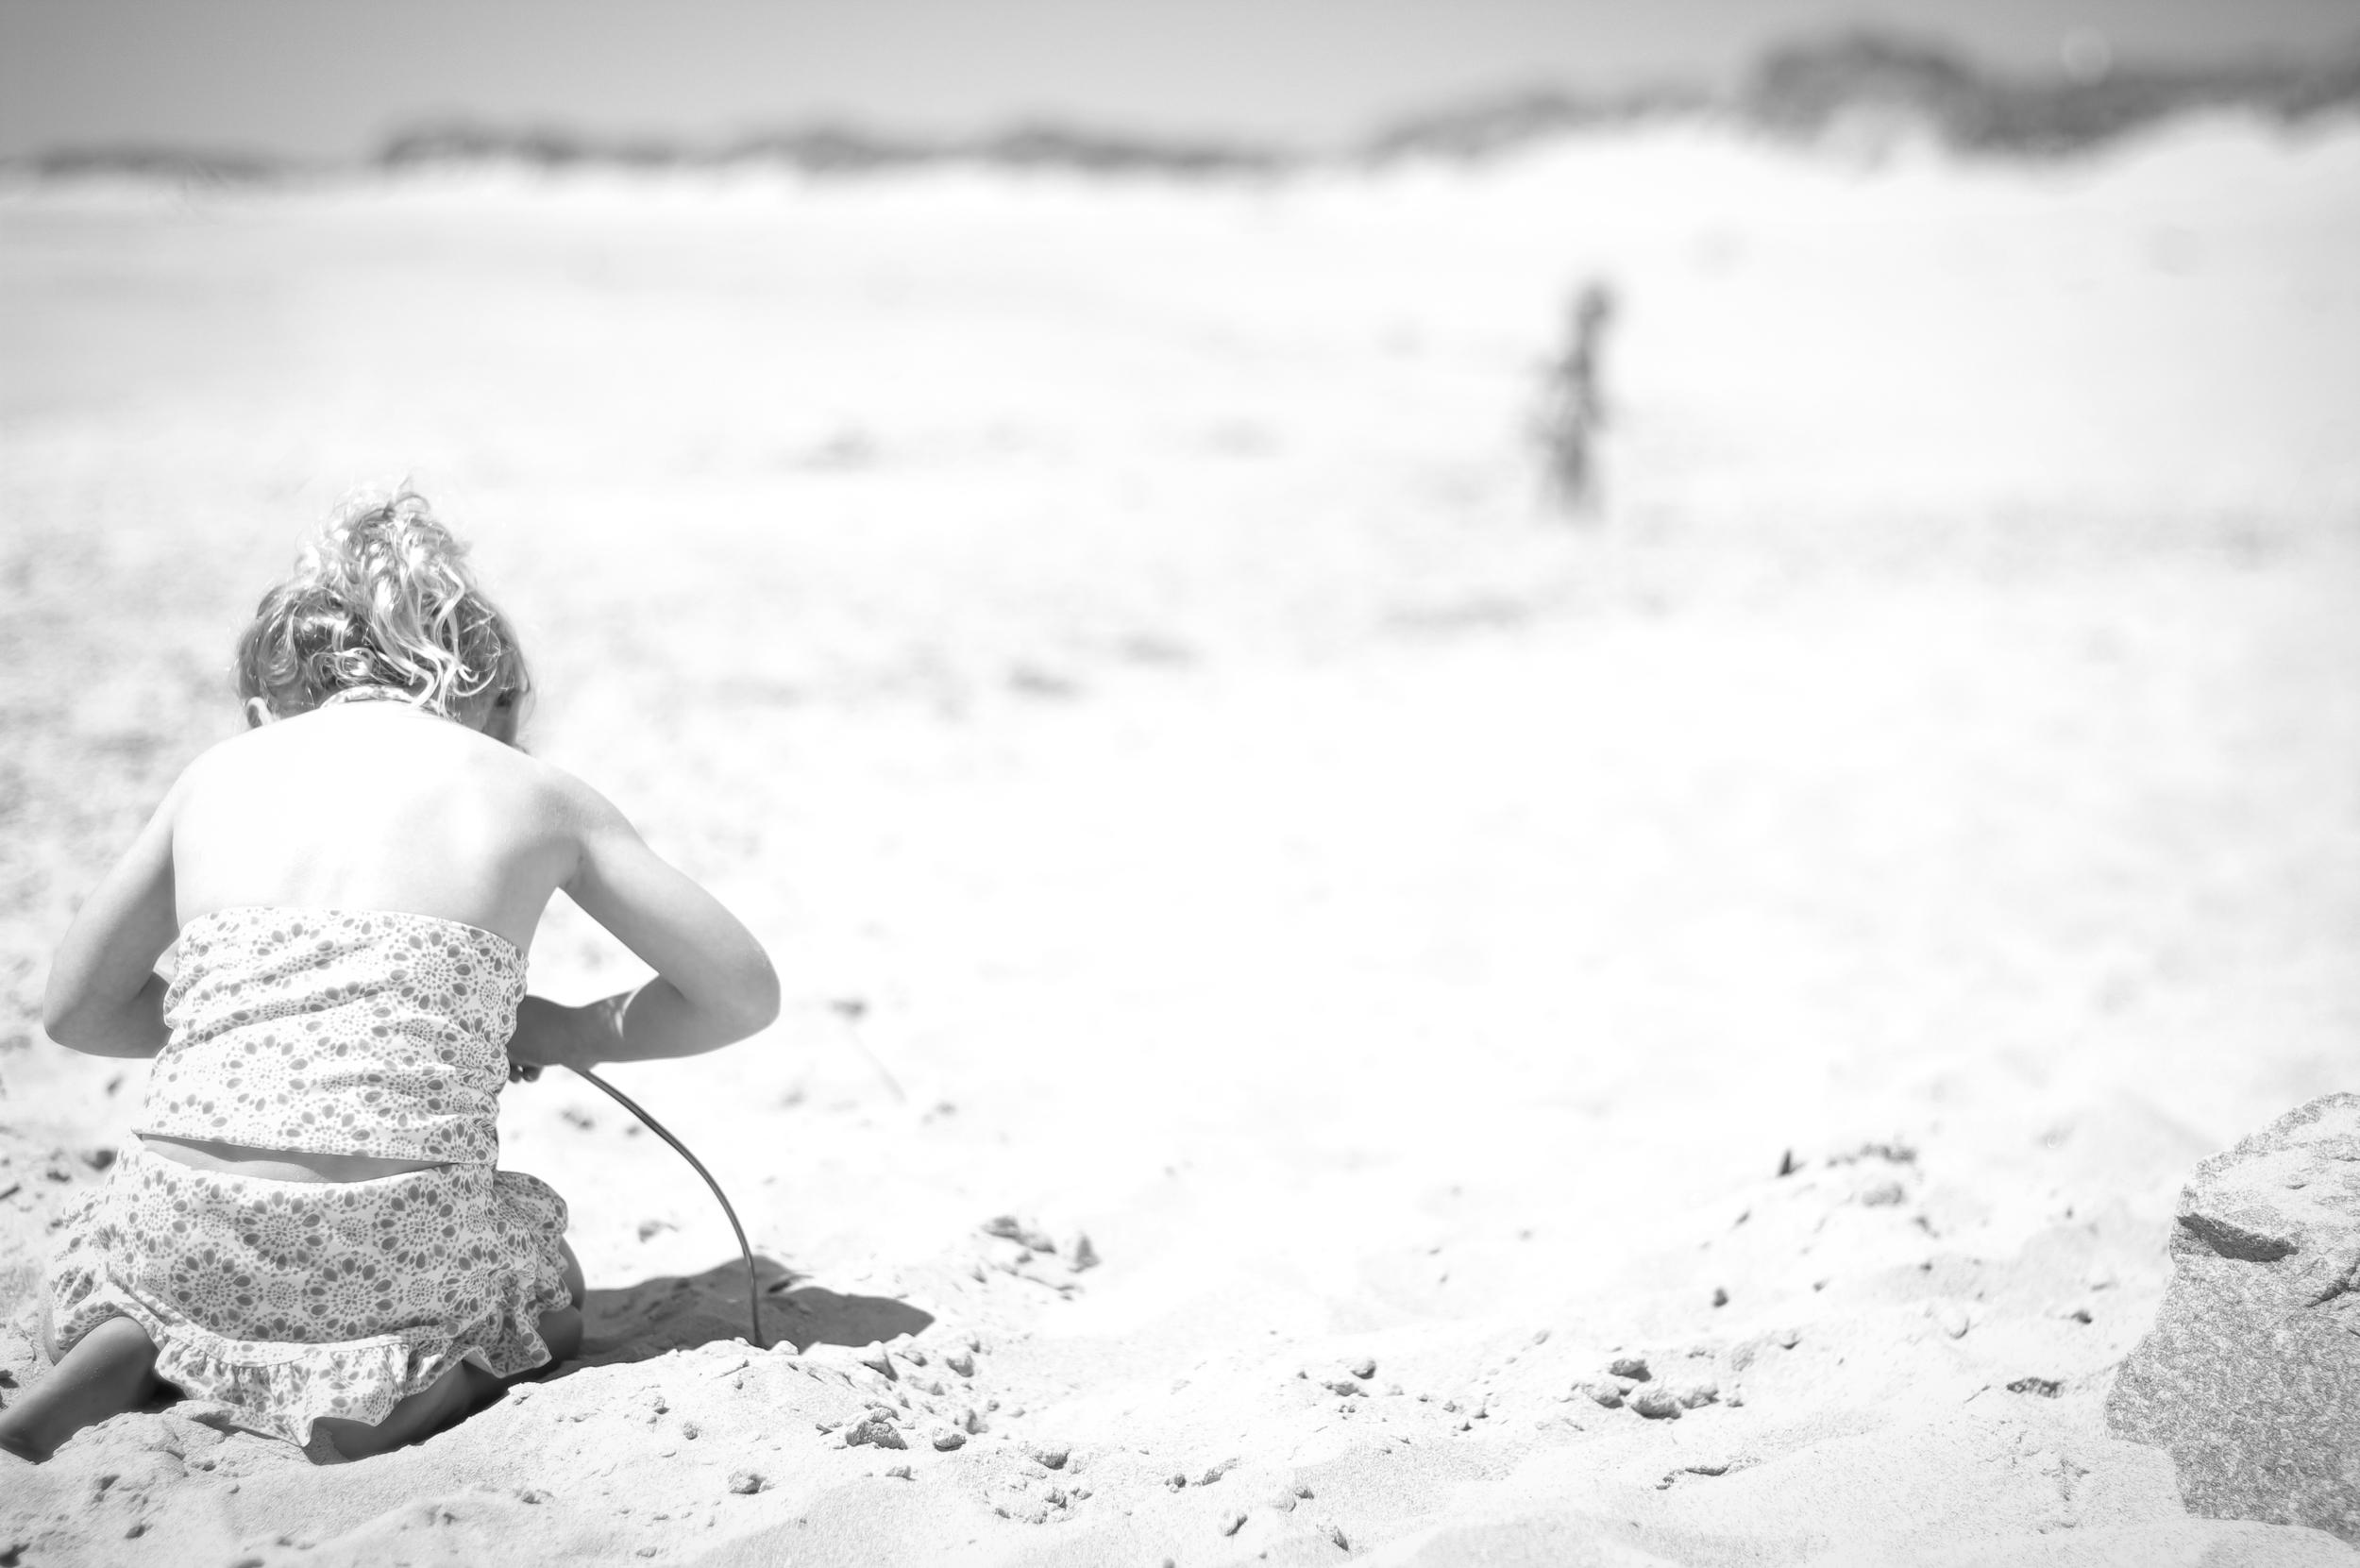 beachday-300dpi-1271